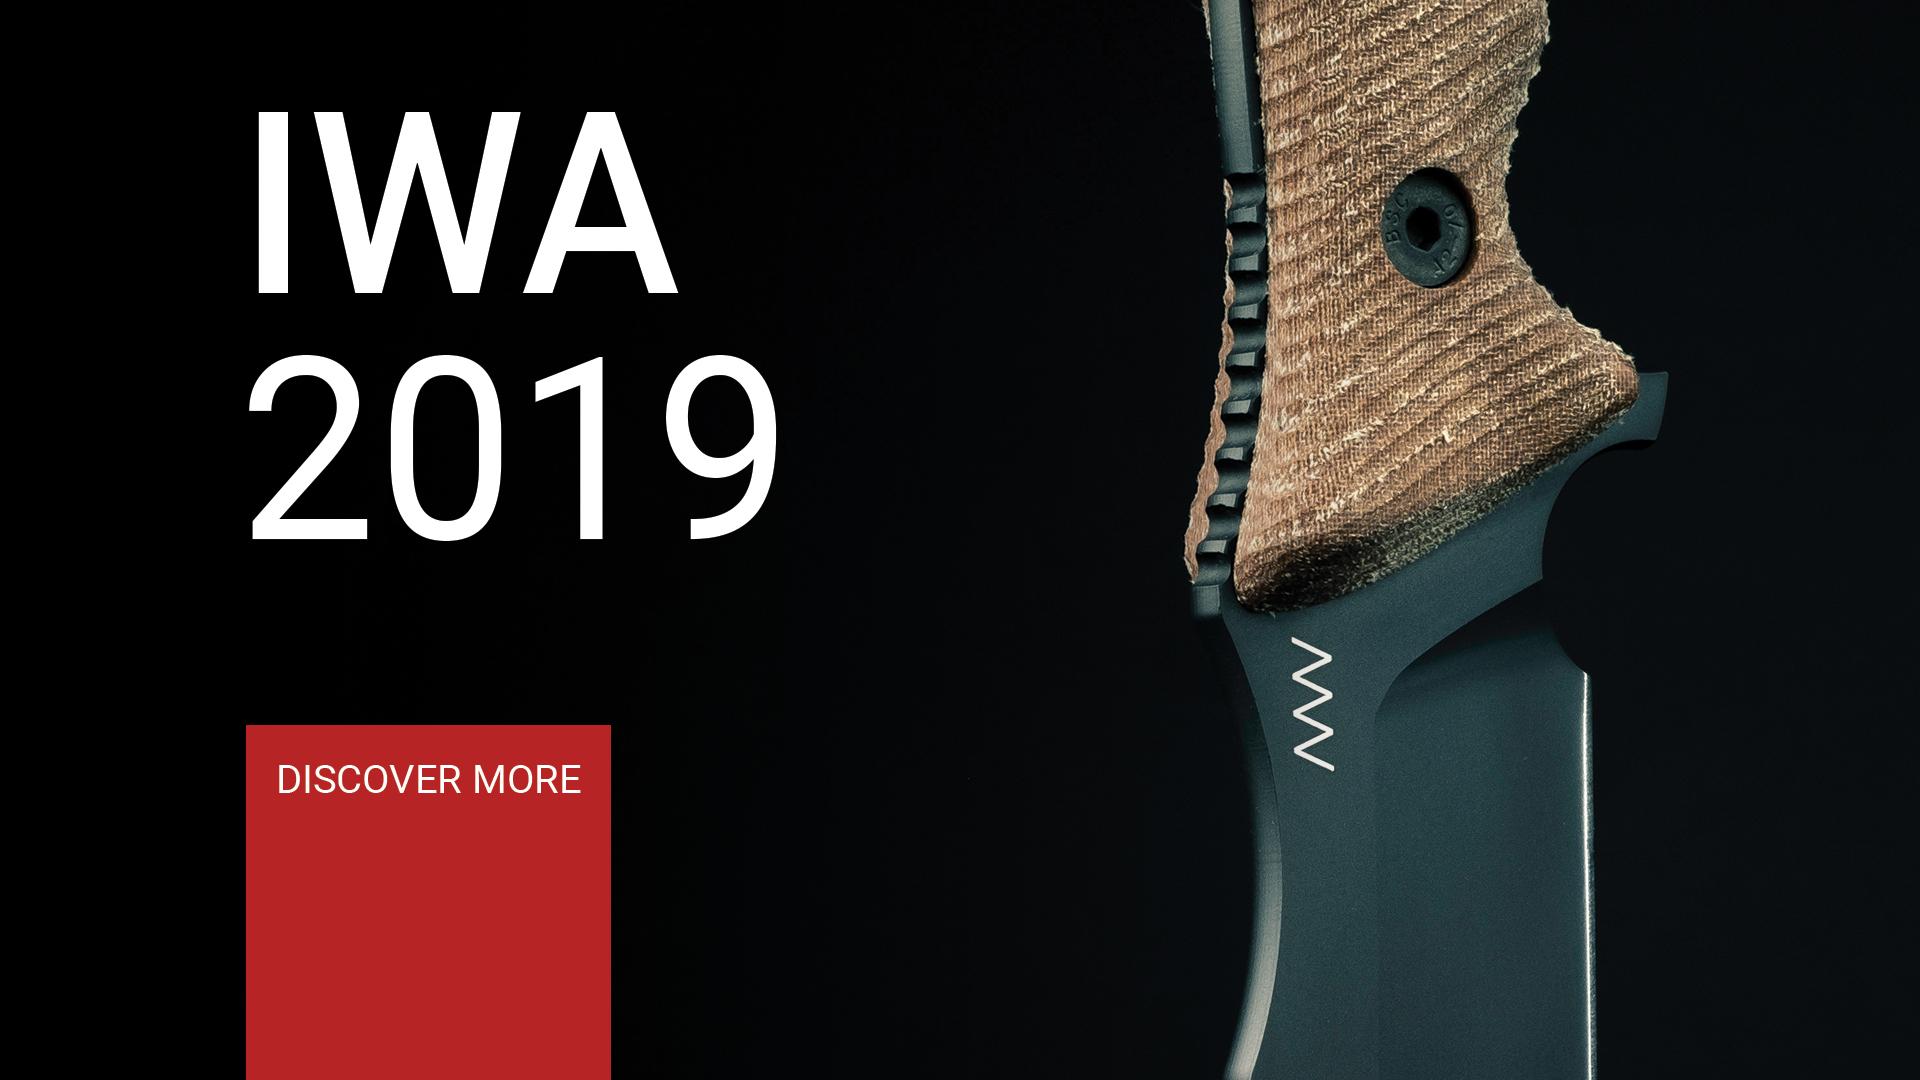 IWA 2019